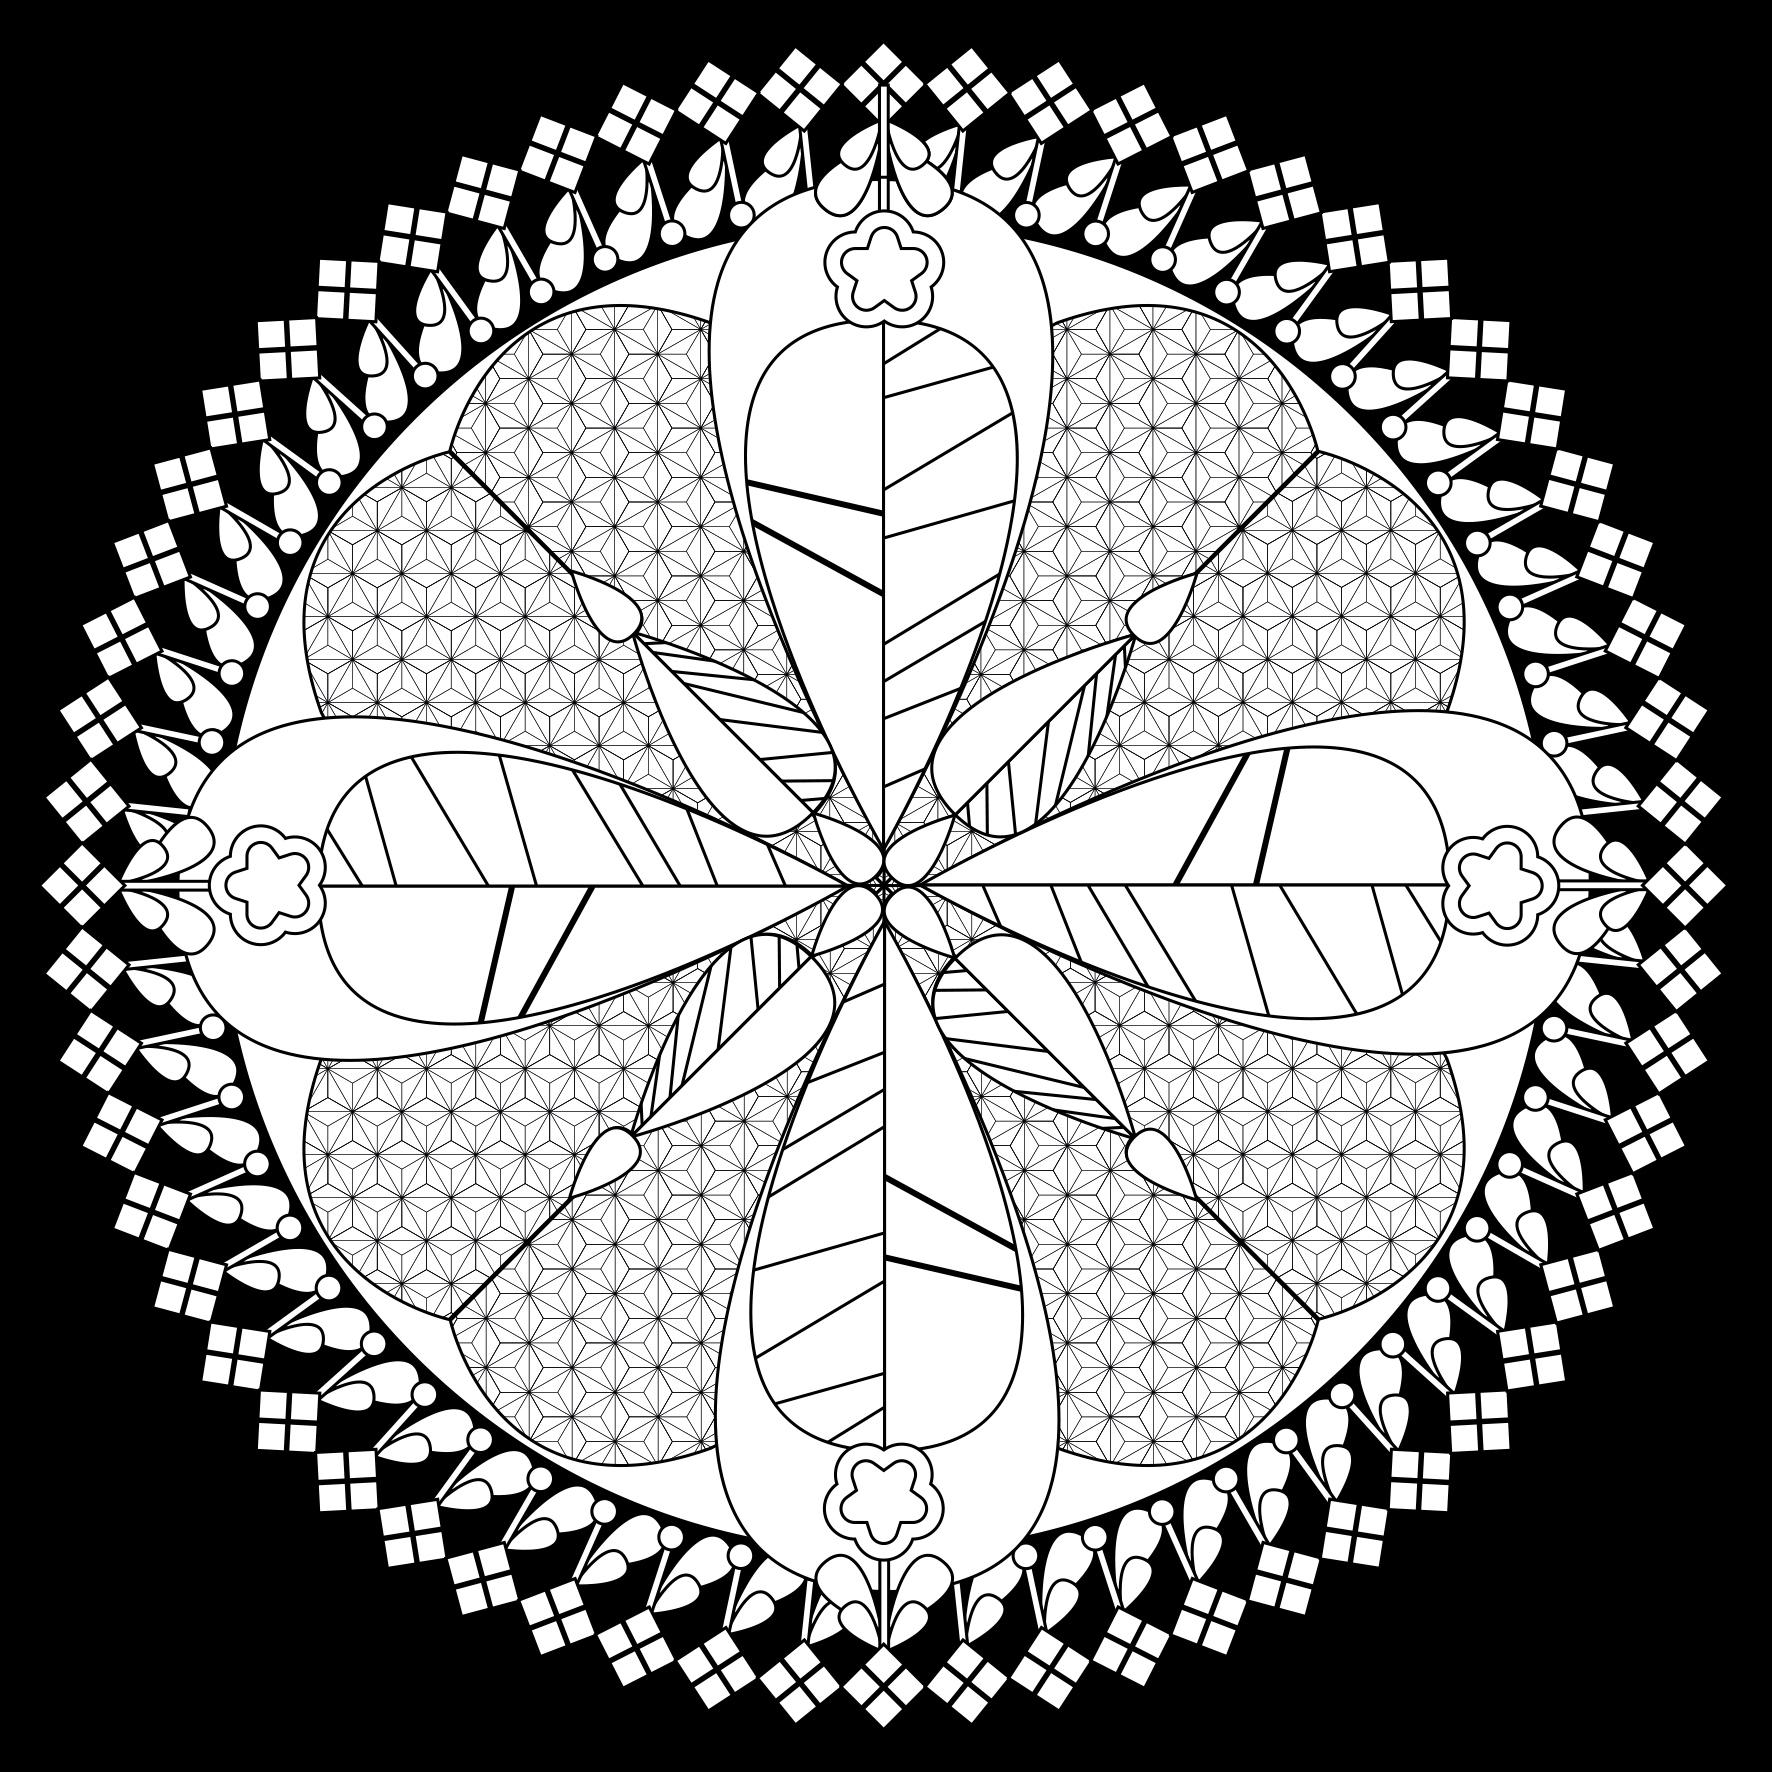 FLEURUS X THILUU